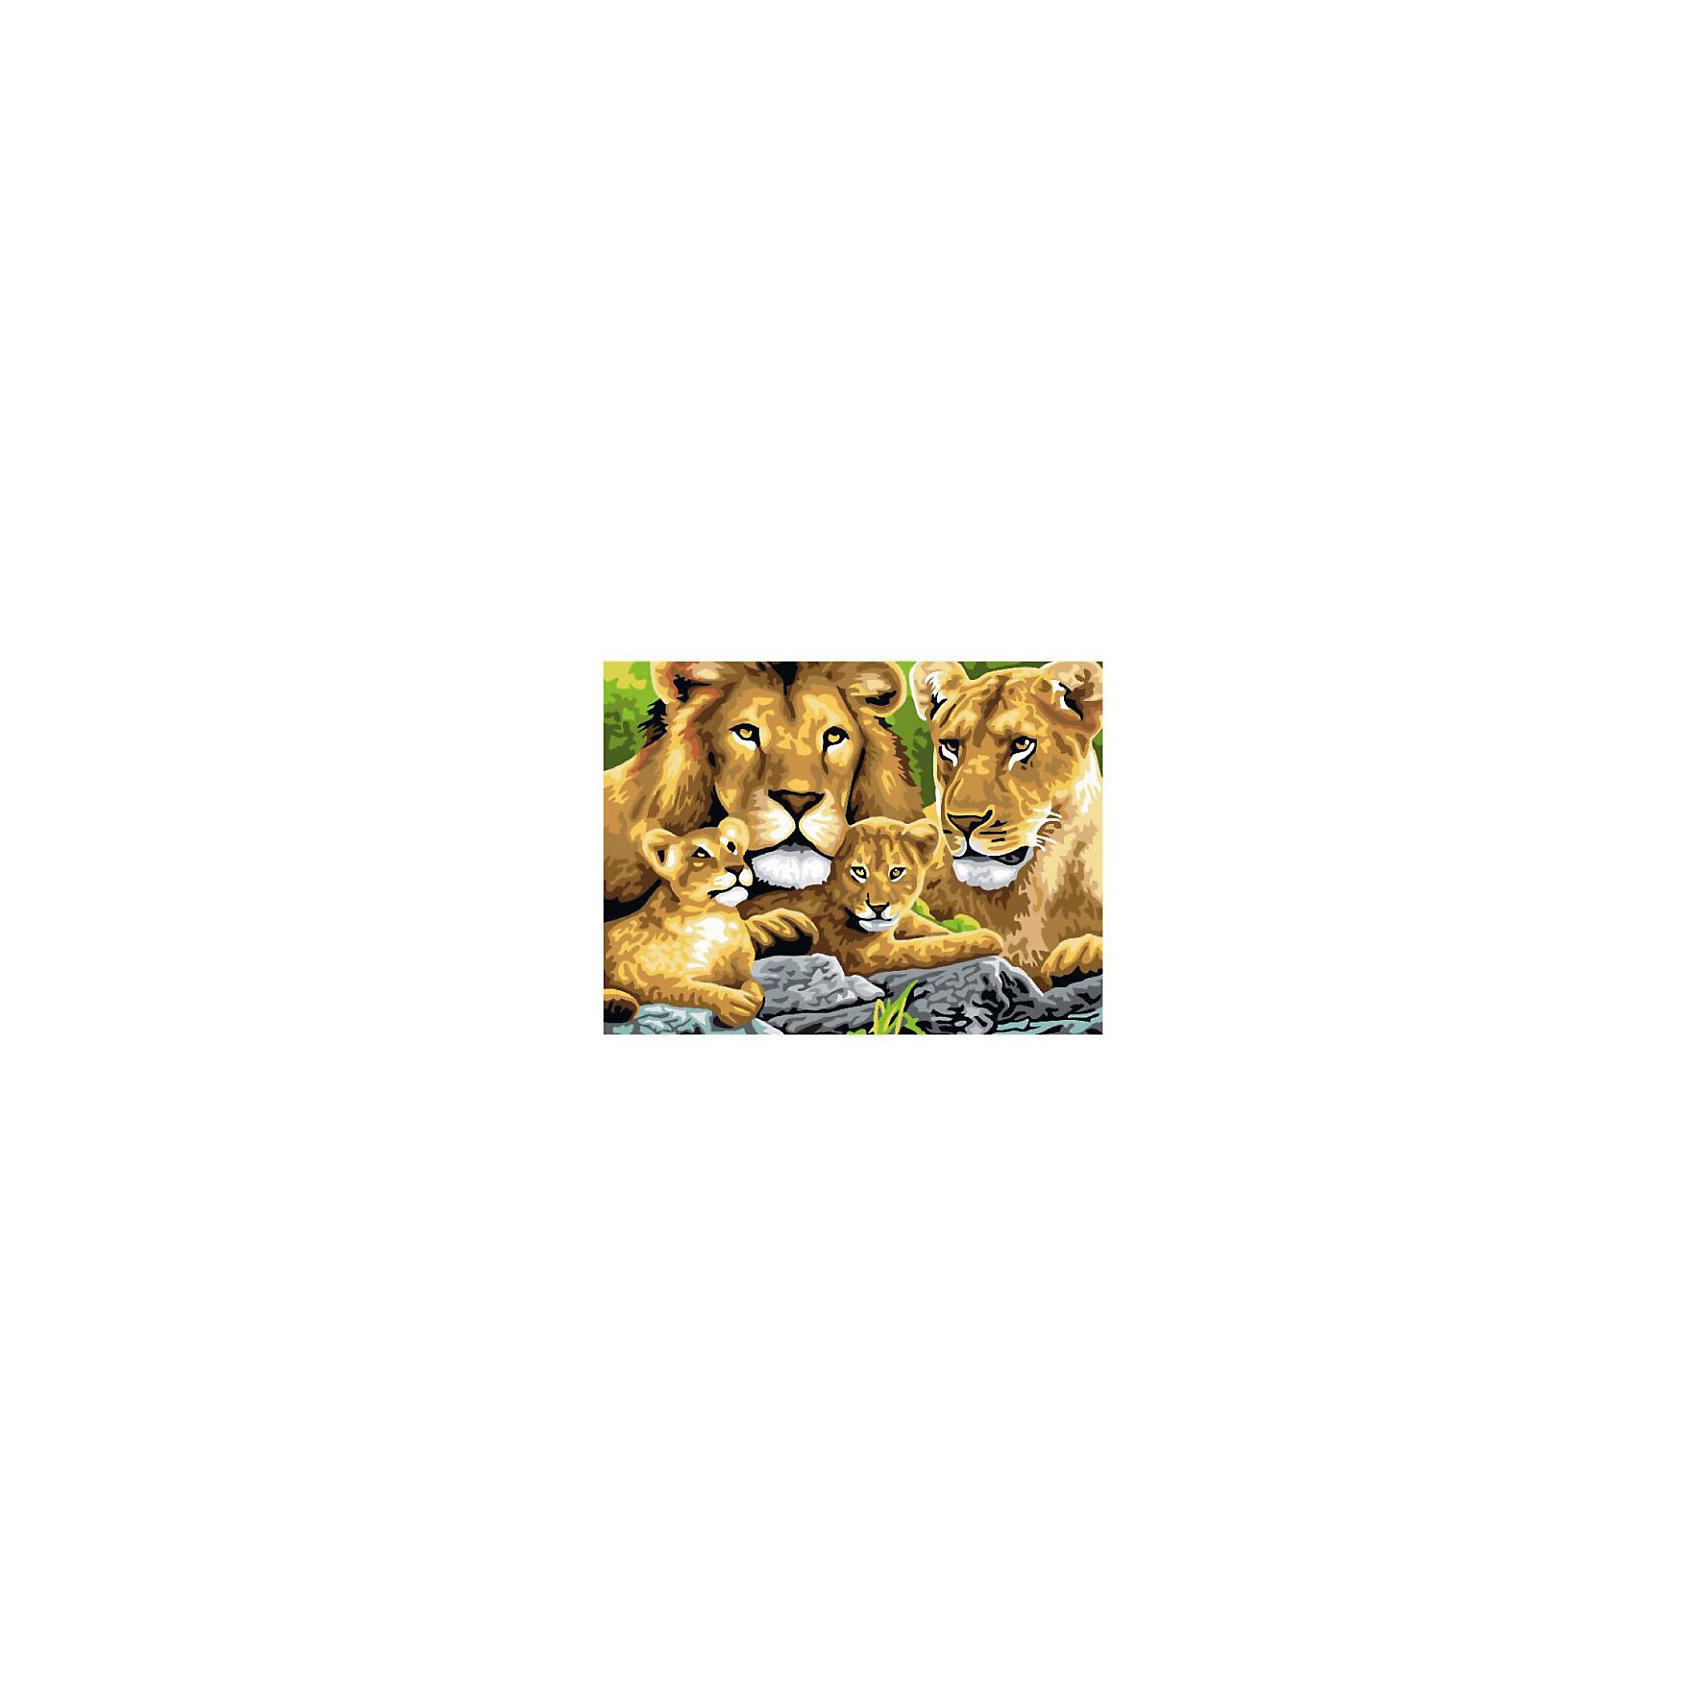 Картина по номерам Семейство львов, 40*50 смКартины с раскраской по номерам размером 40*50. На деревянном подрамнике, с прогрунтованным холстом и  нанесенными контурами картины, с указанием цвета закраски, акриловыми красками, 3 кисточками и креплением на стену. Уровень сложности, количество красок указаны на коробке.<br><br>Ширина мм: 500<br>Глубина мм: 400<br>Высота мм: 40<br>Вес г: 730<br>Возраст от месяцев: 108<br>Возраст до месяцев: 2147483647<br>Пол: Унисекс<br>Возраст: Детский<br>SKU: 5417672